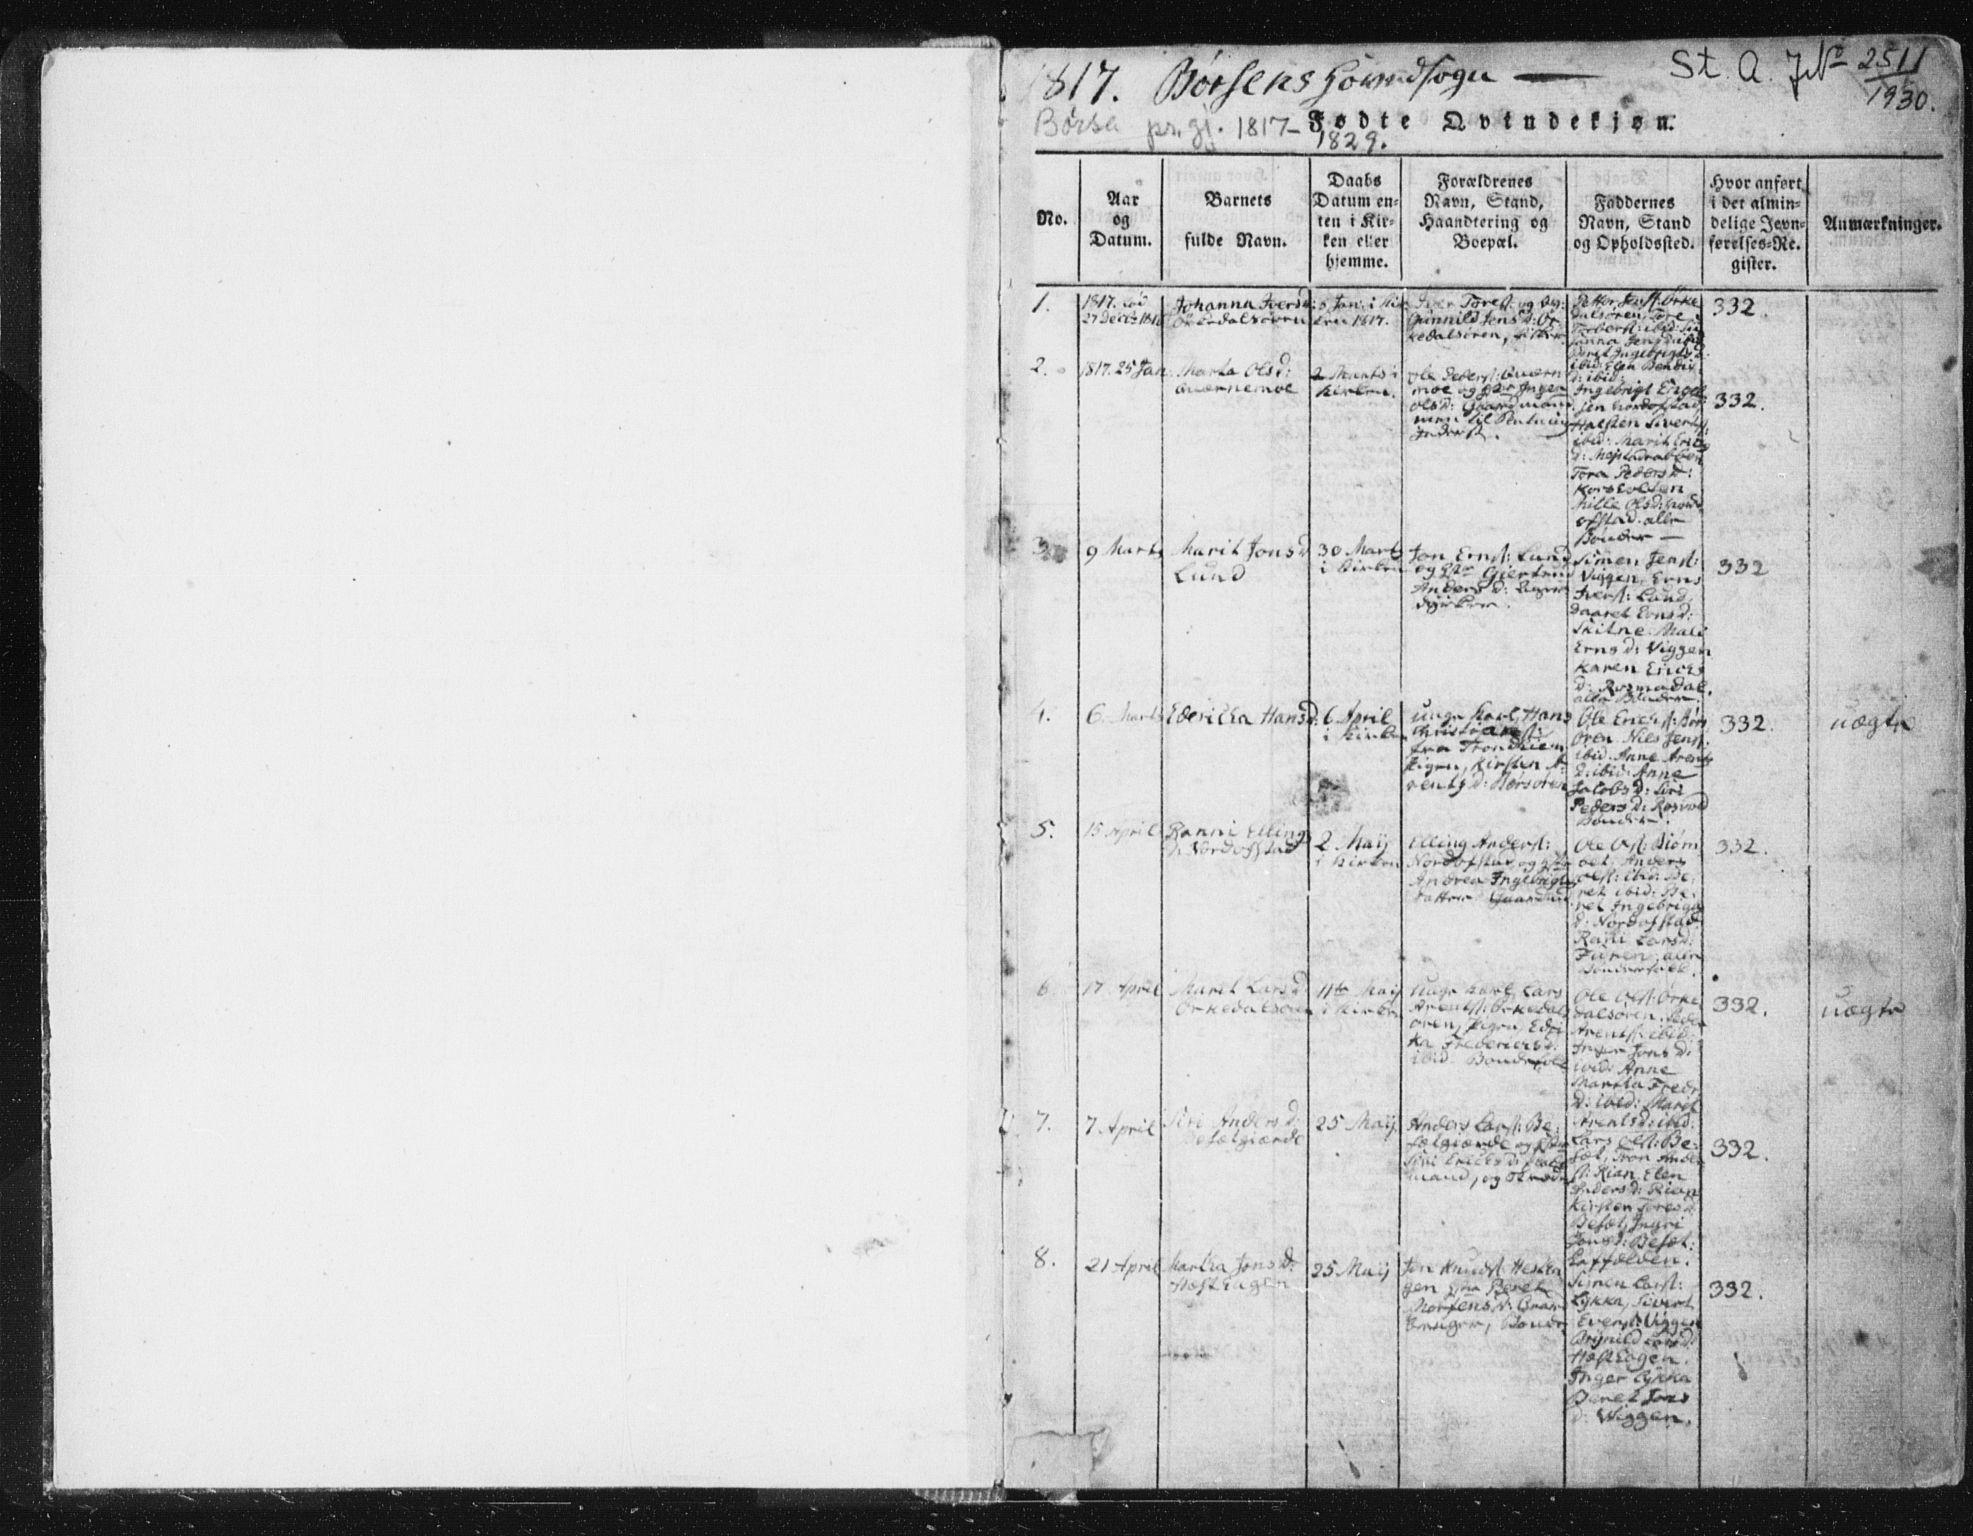 SAT, Ministerialprotokoller, klokkerbøker og fødselsregistre - Sør-Trøndelag, 665/L0770: Ministerialbok nr. 665A05, 1817-1829, s. 1